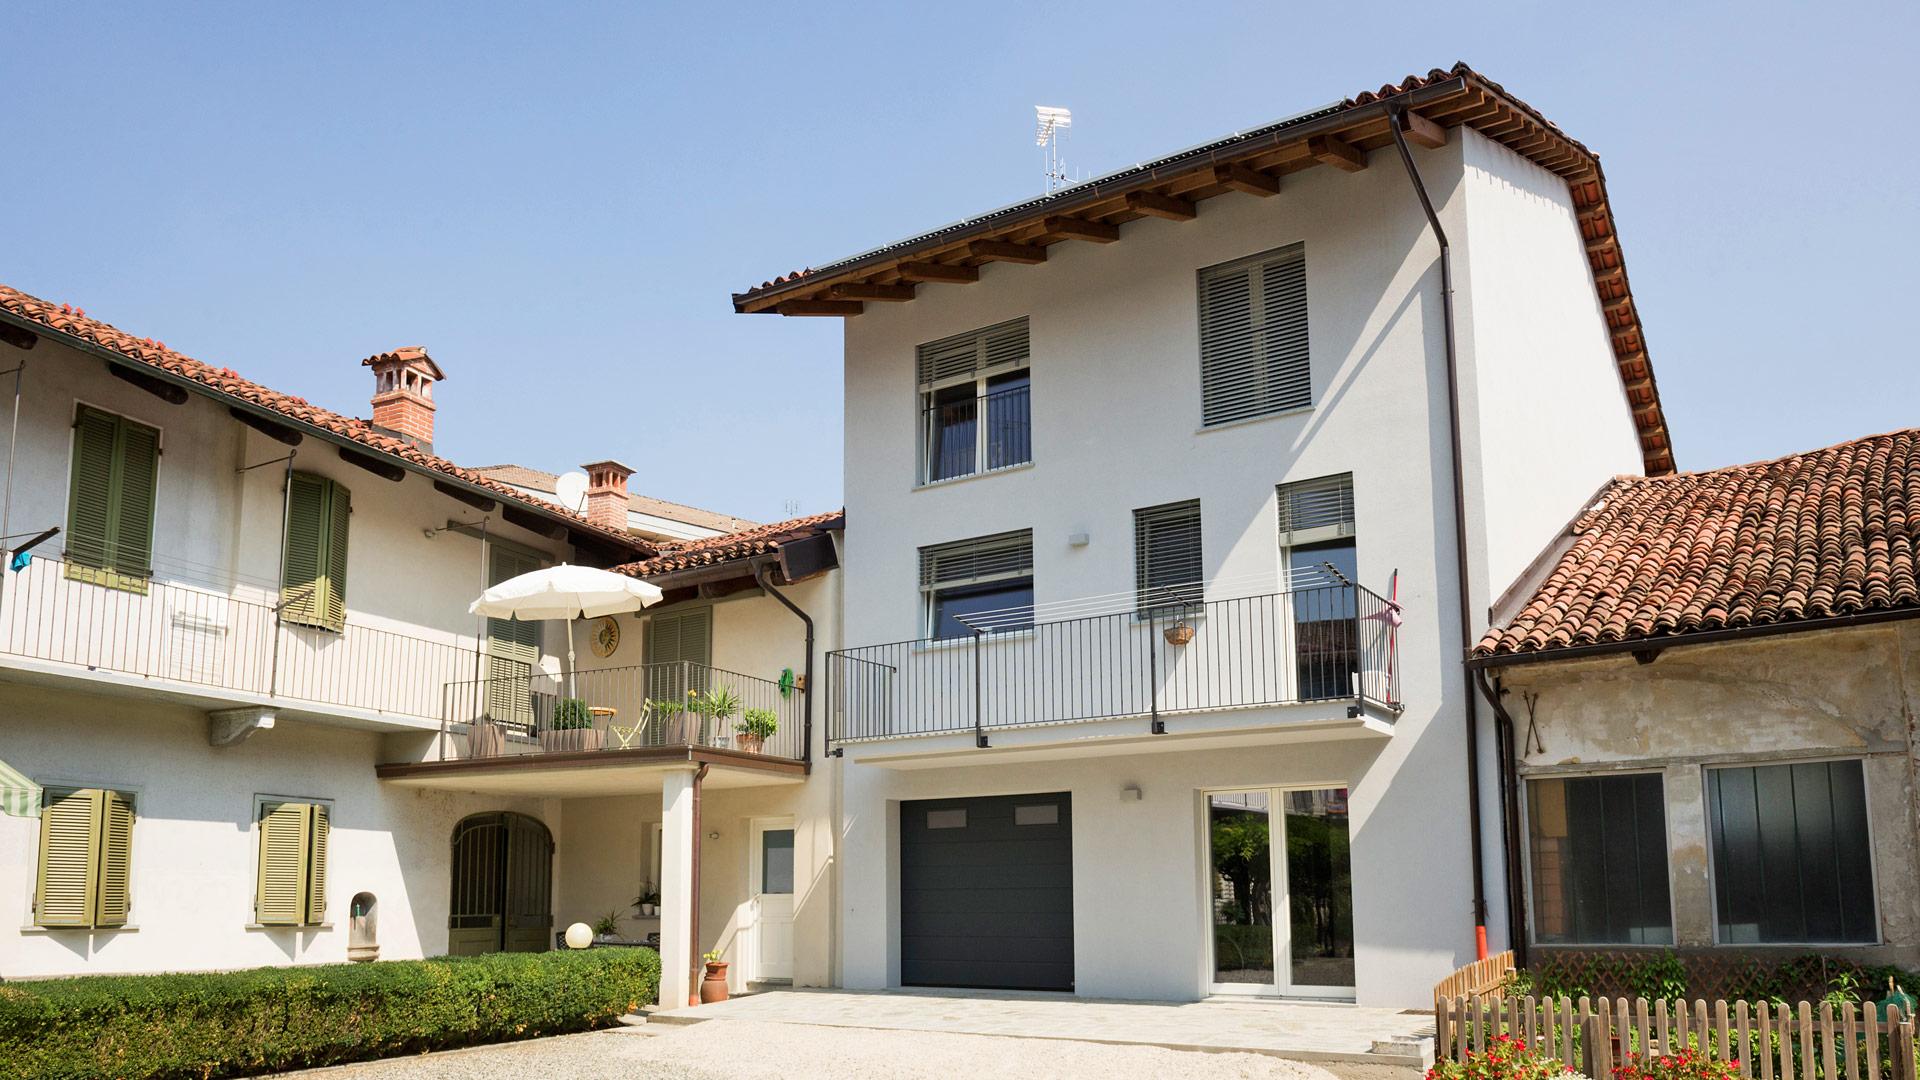 Ristrutturazione casa in legno xlam certificata casaclima for Case legno xlam